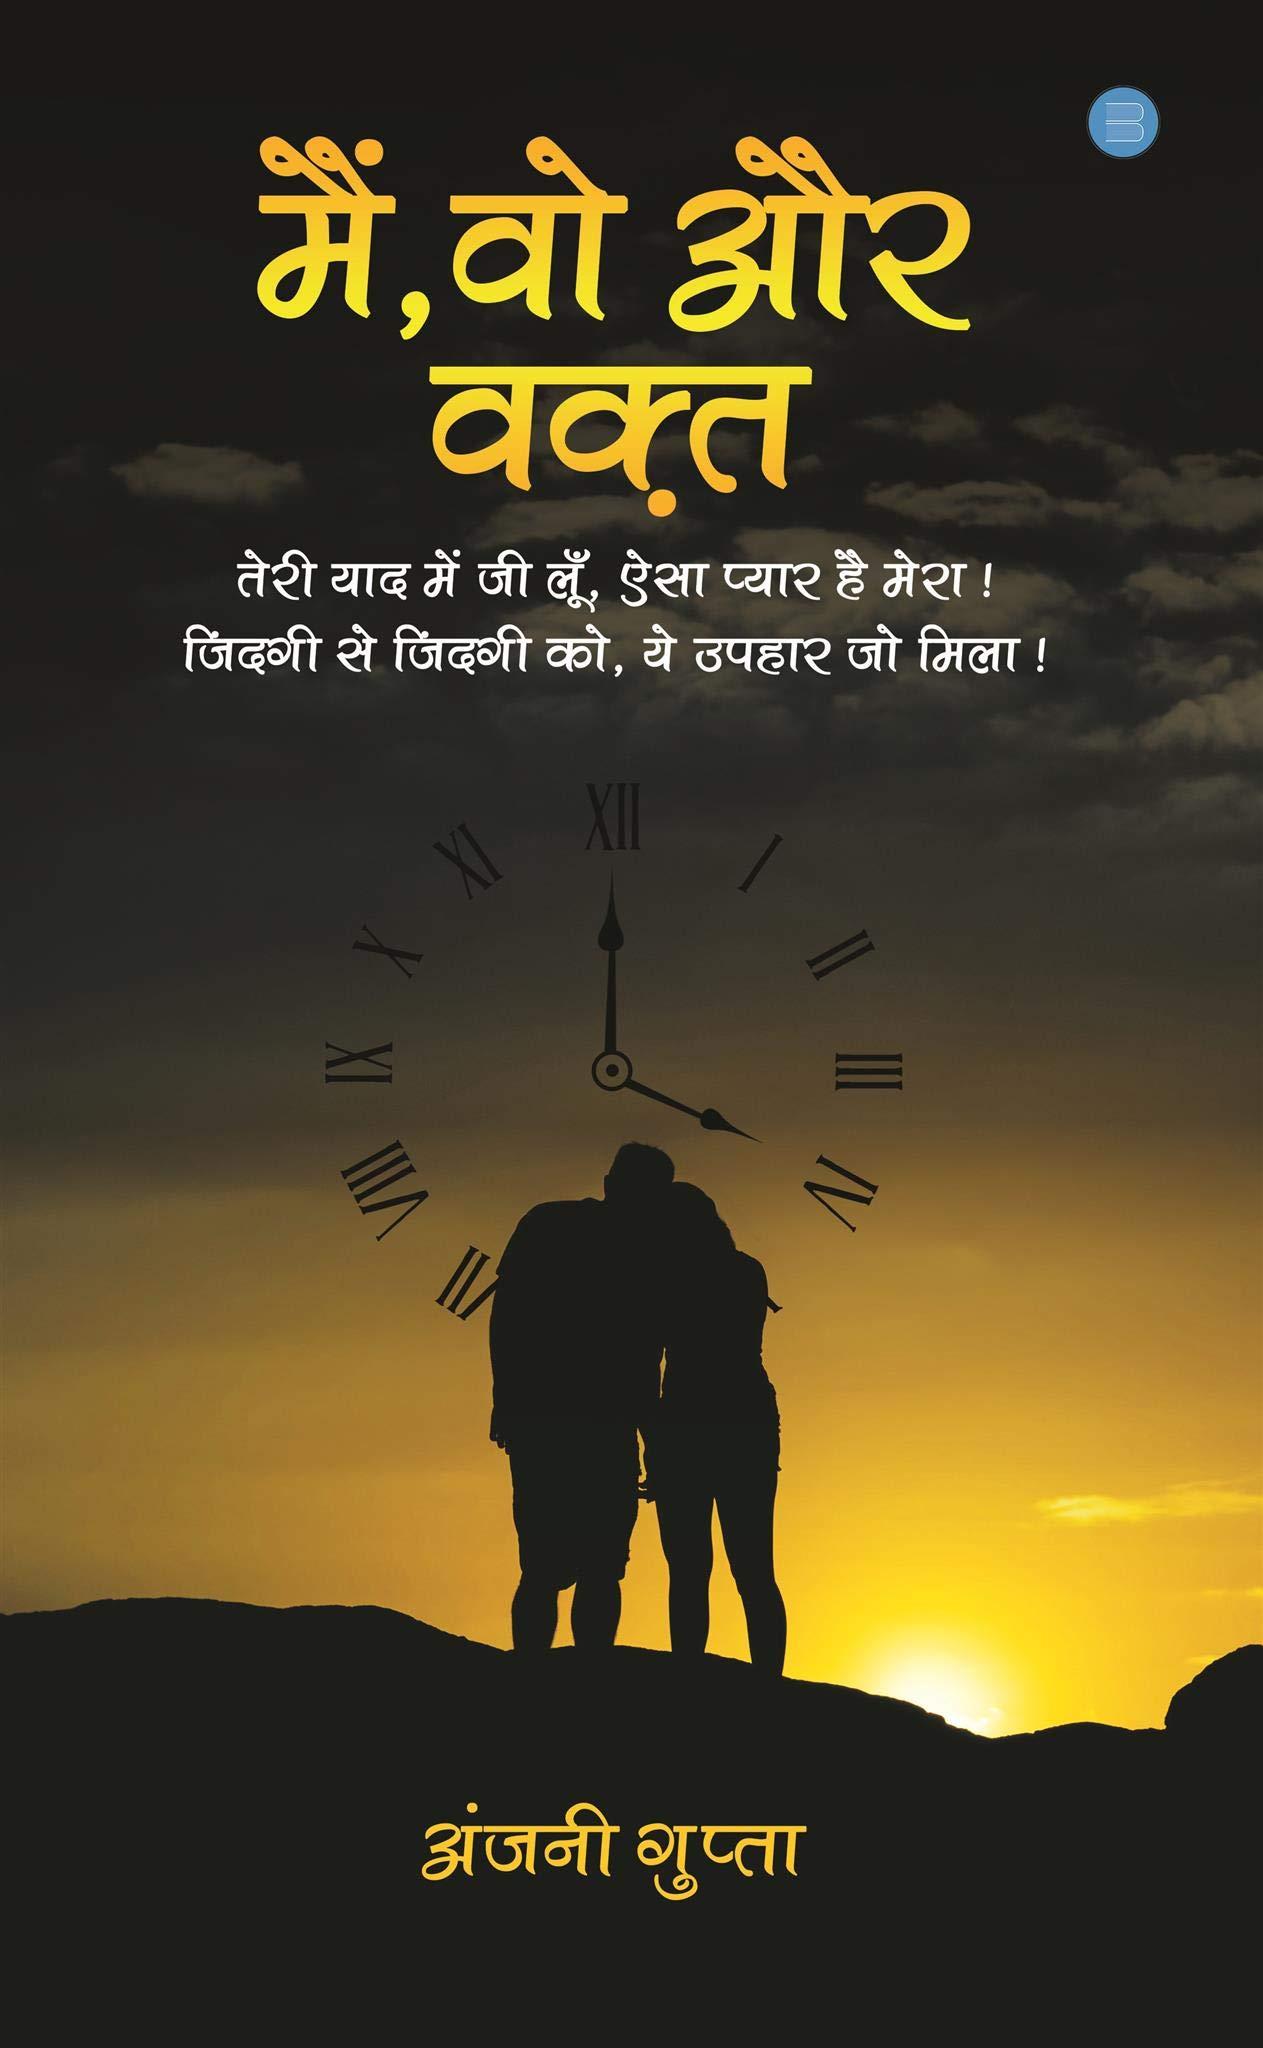 Mai Woh Aur Waqt